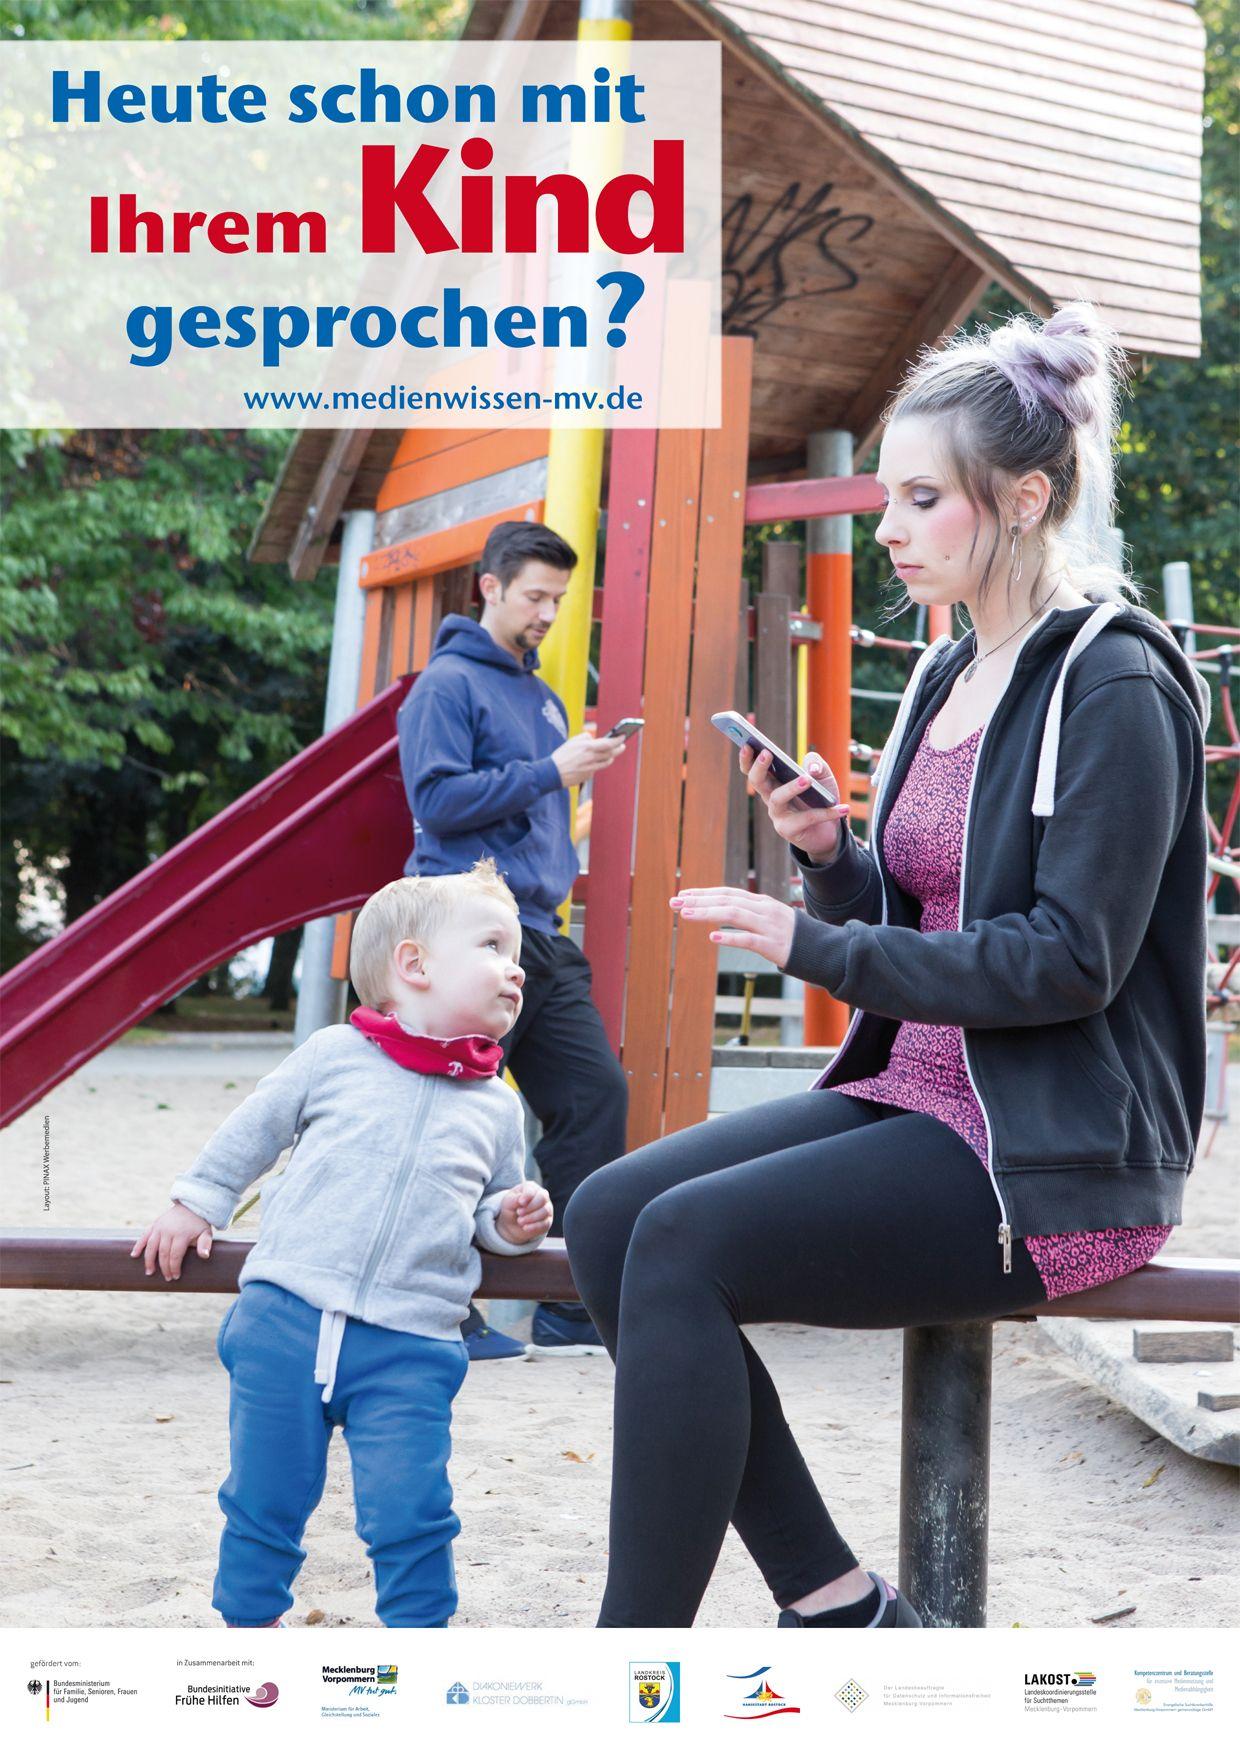 EINMALIGE VERWENDUNG Plakate / Medien-Familie-Verantwortung